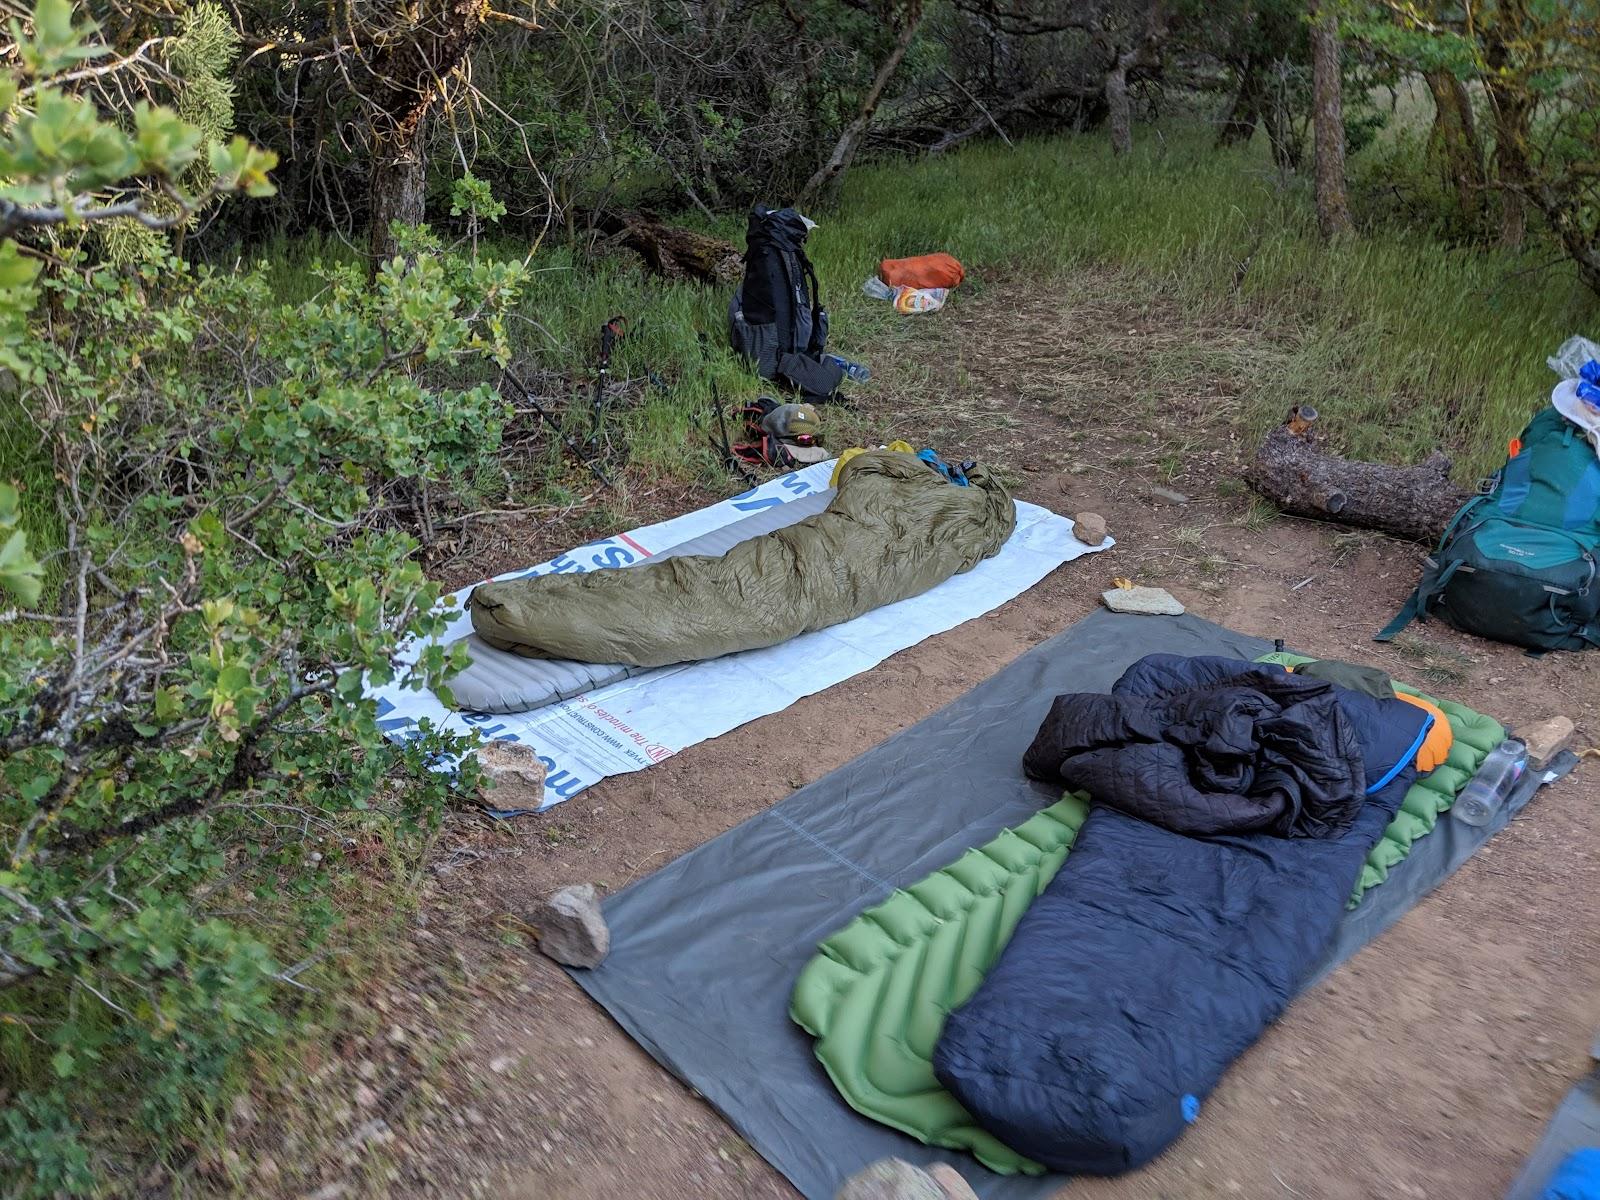 De quilt en slaapmatje liggen klaar voor een nachtje cowboy camping